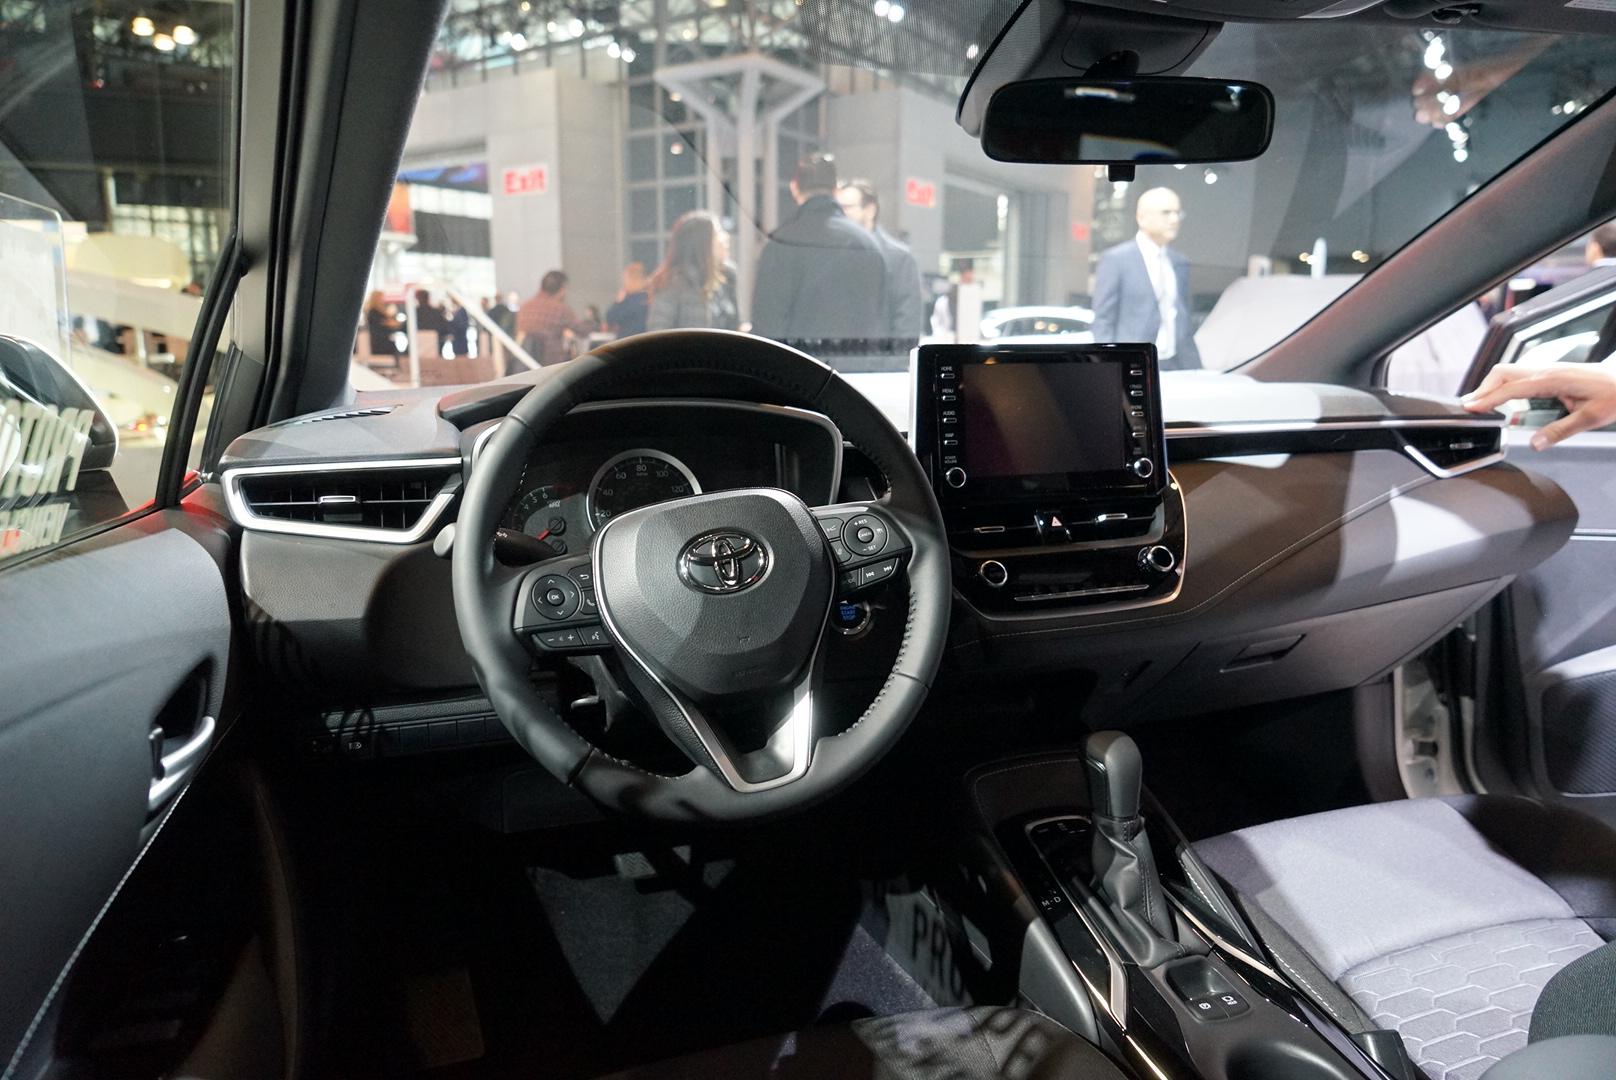 美版两厢卡罗拉 丰田发布全新卡罗拉iM